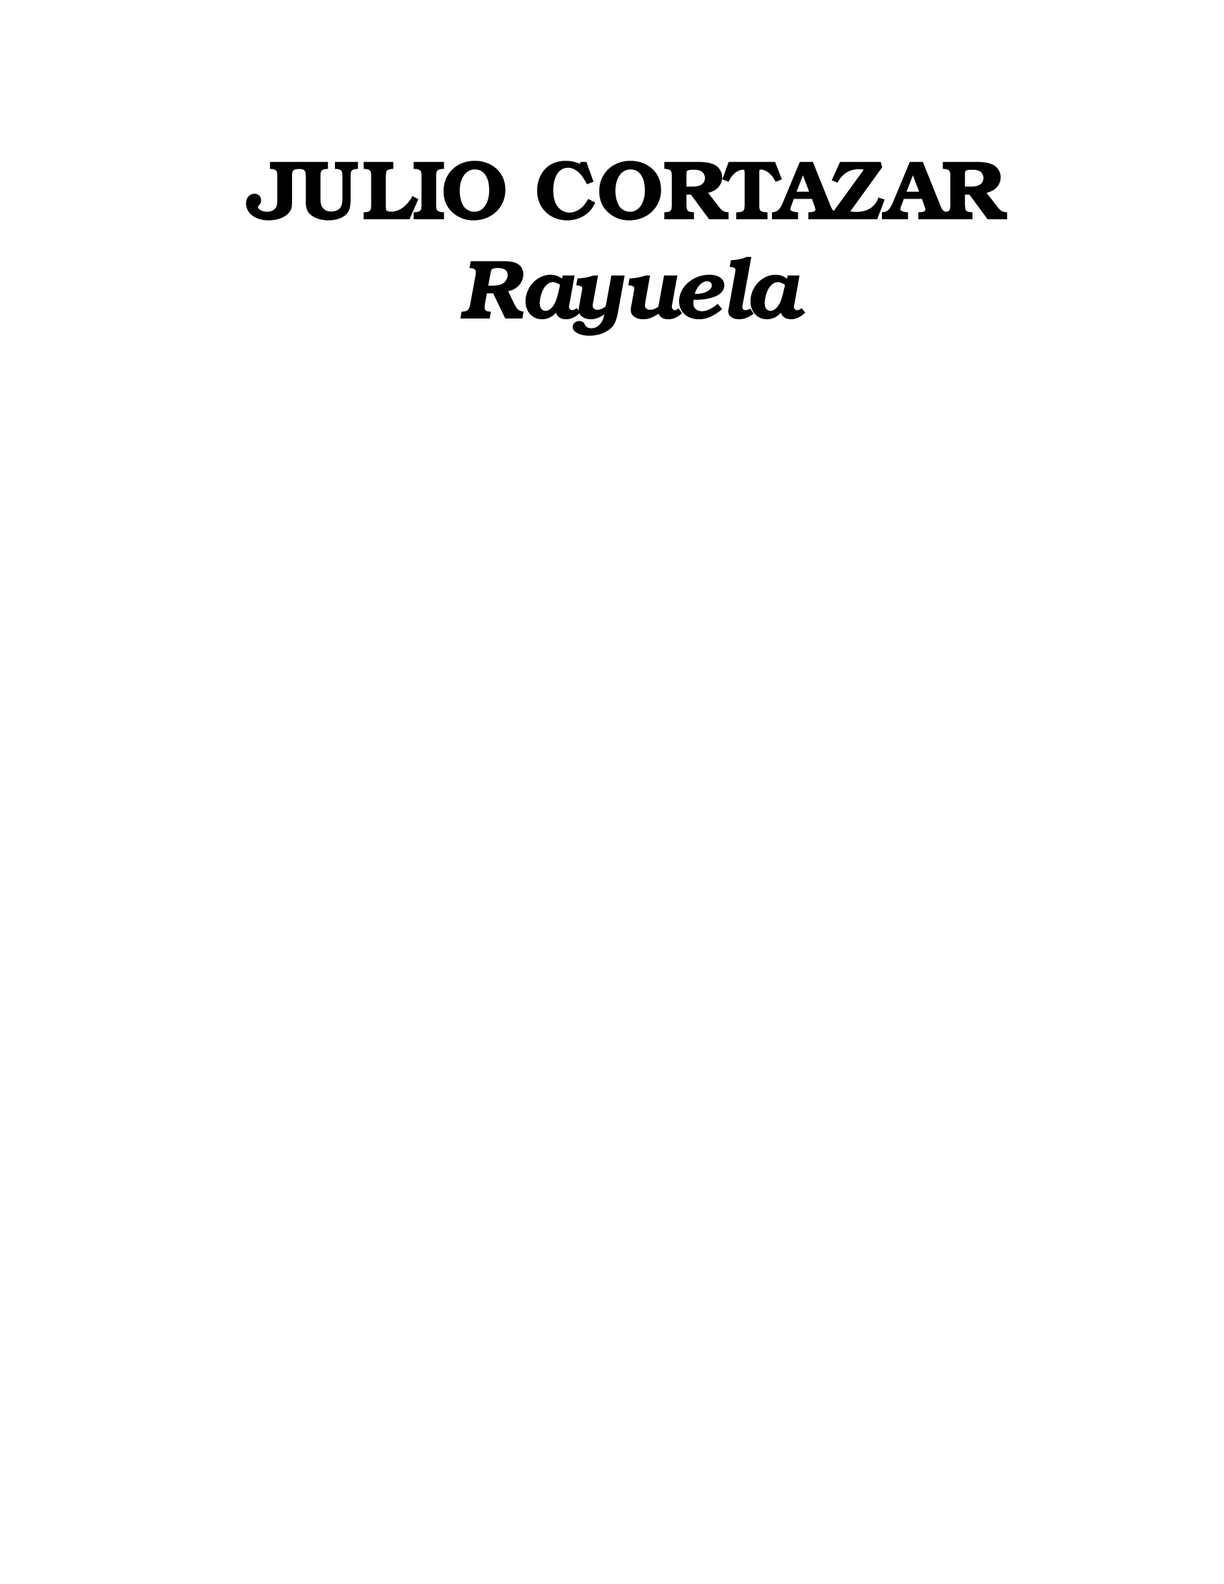 Calaméo - Julio Cortazar Rayuela 395ba45e200d8